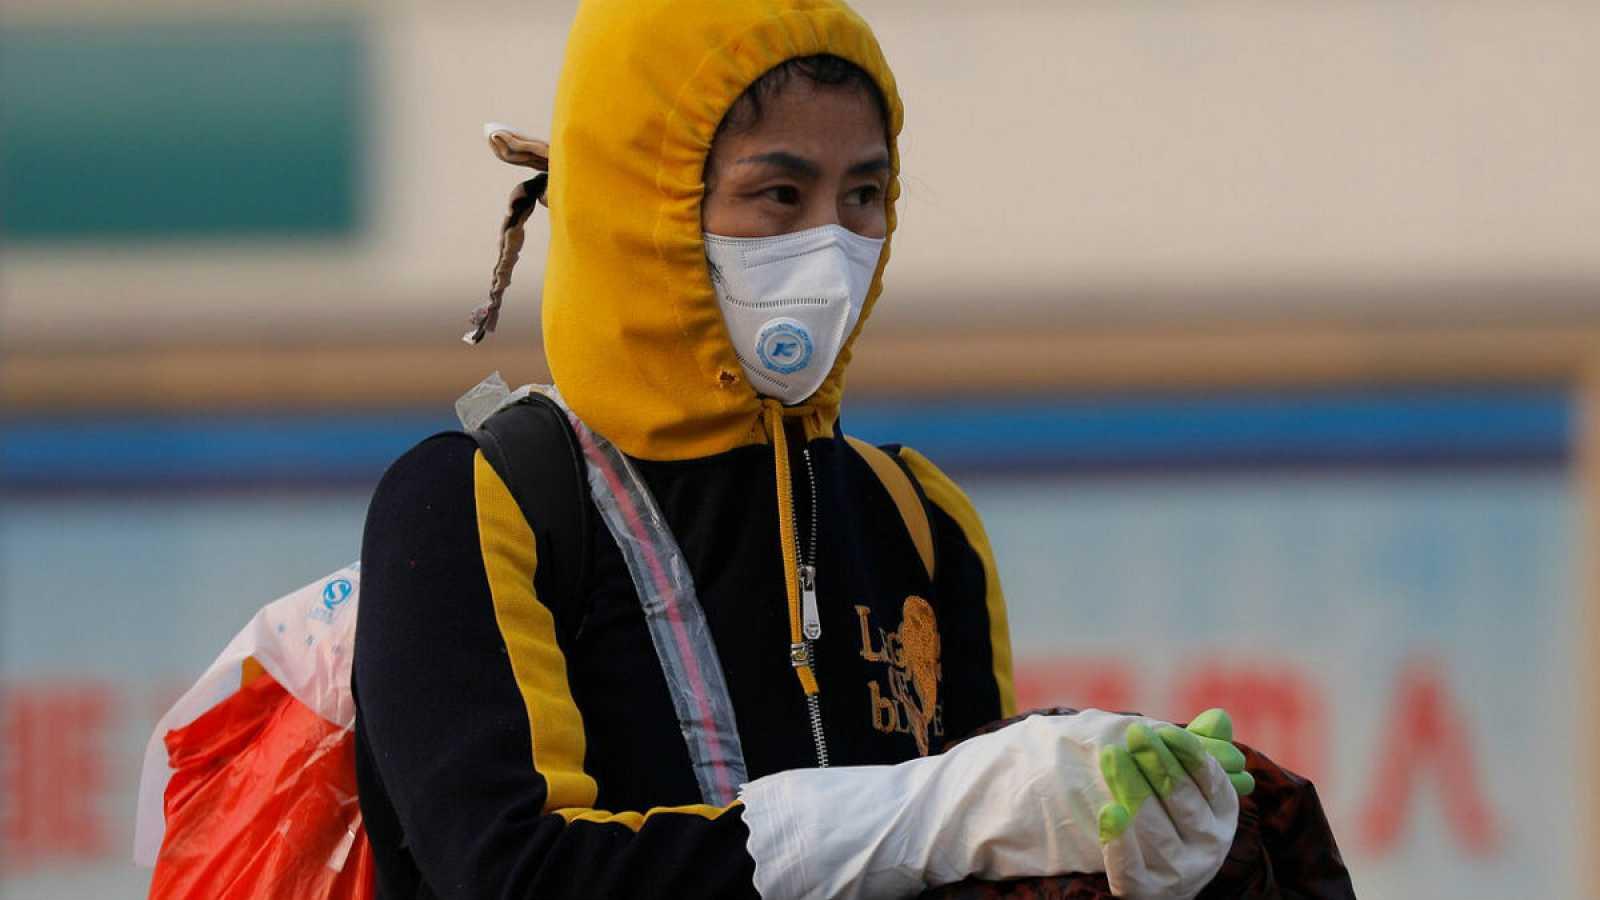 Cerca de la estación de tren de Pekín, una mujer se protege con mascarilla y guantes ante el coronavirus.